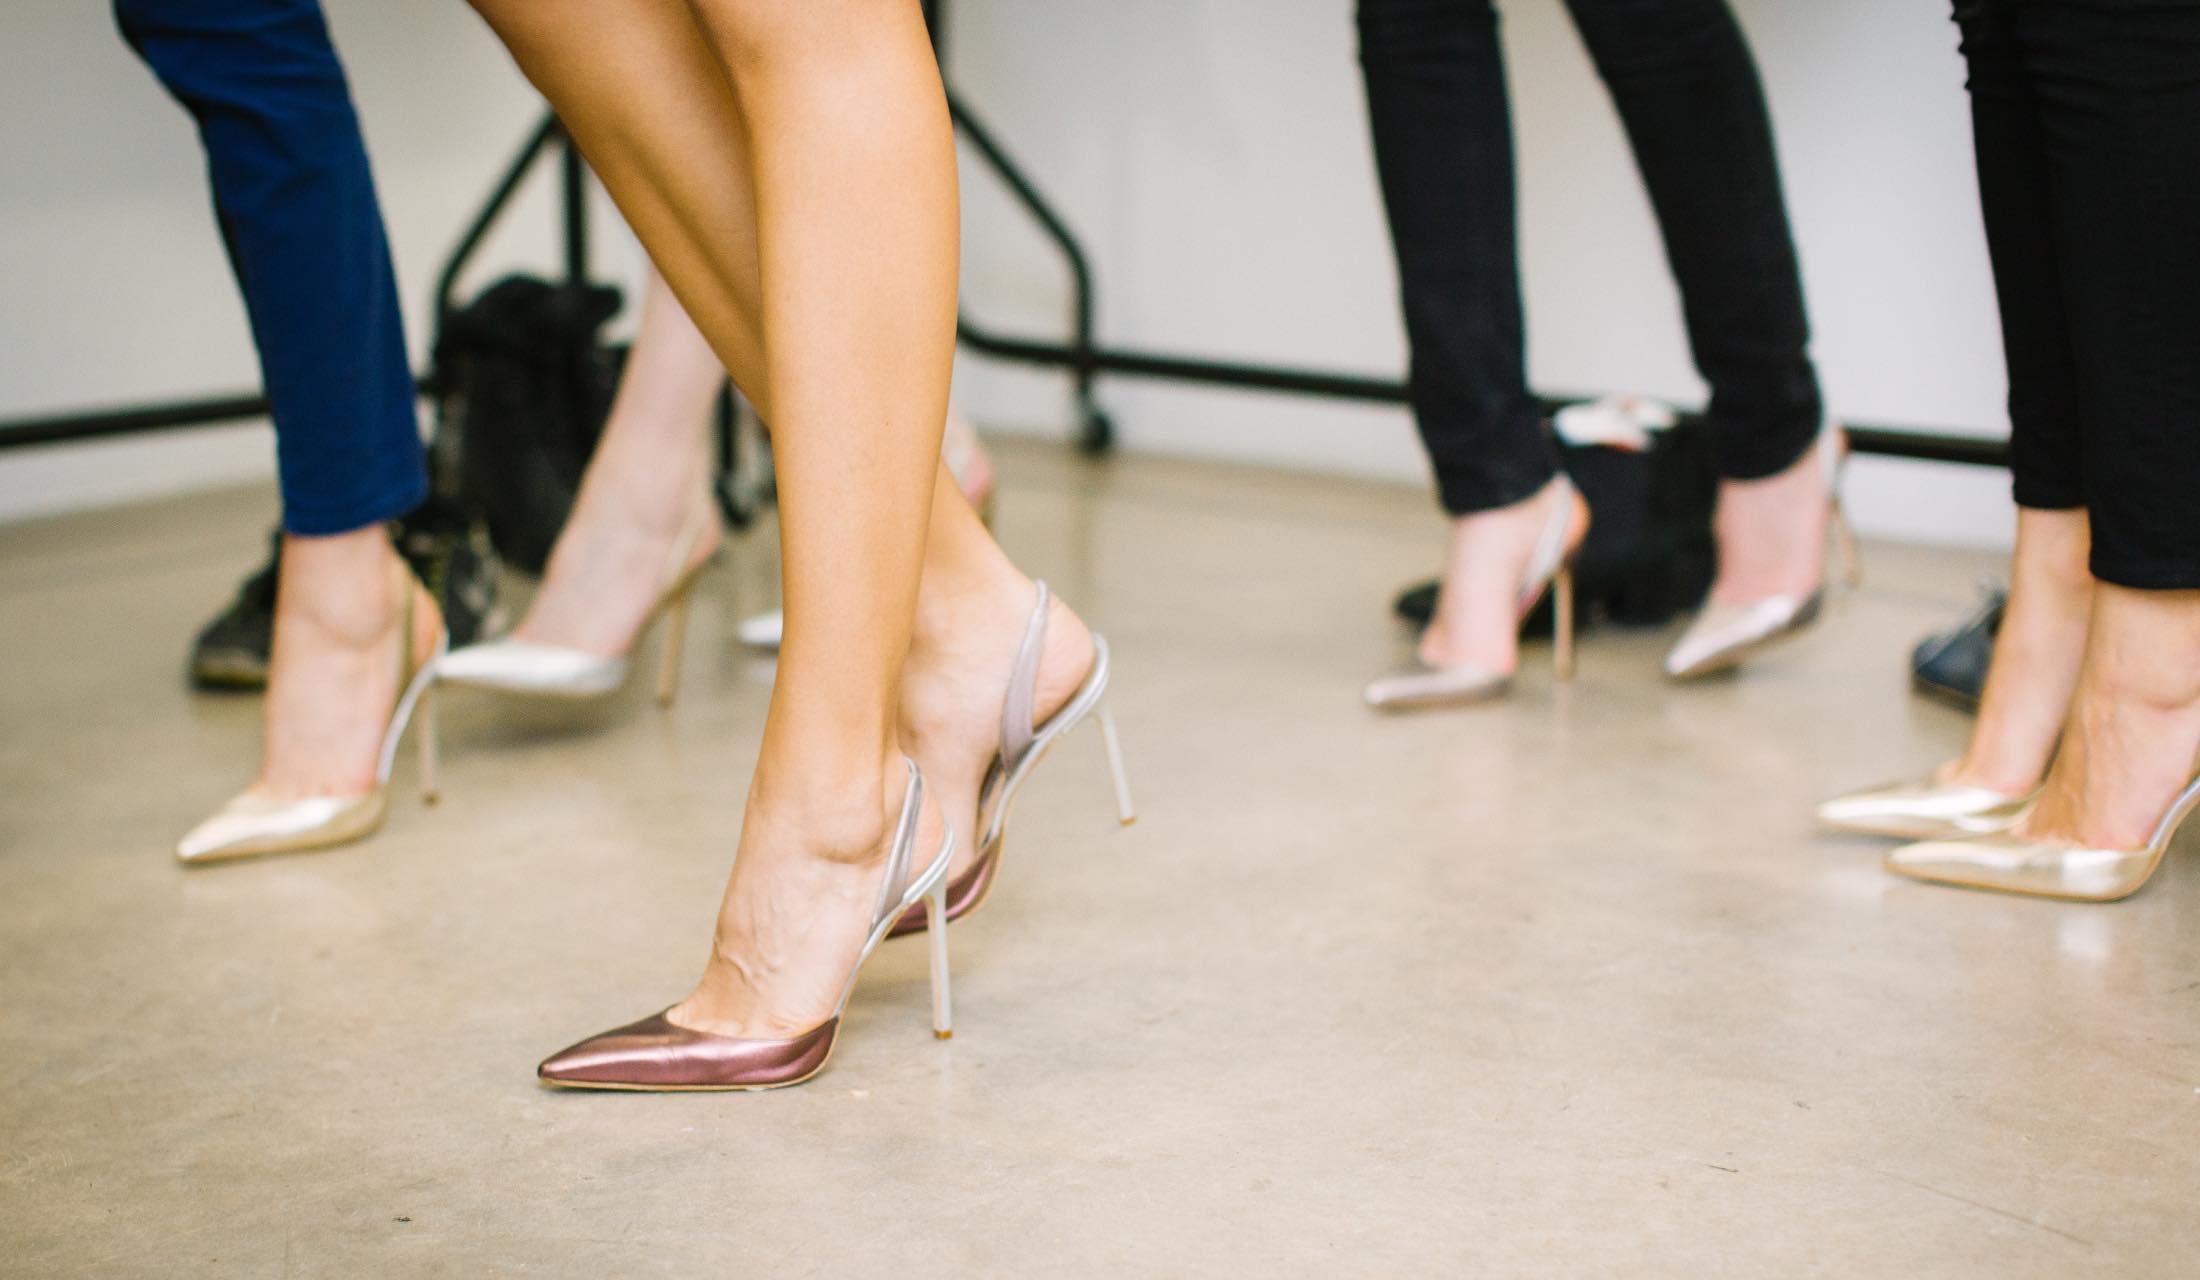 女性の脚が並んでいる様子